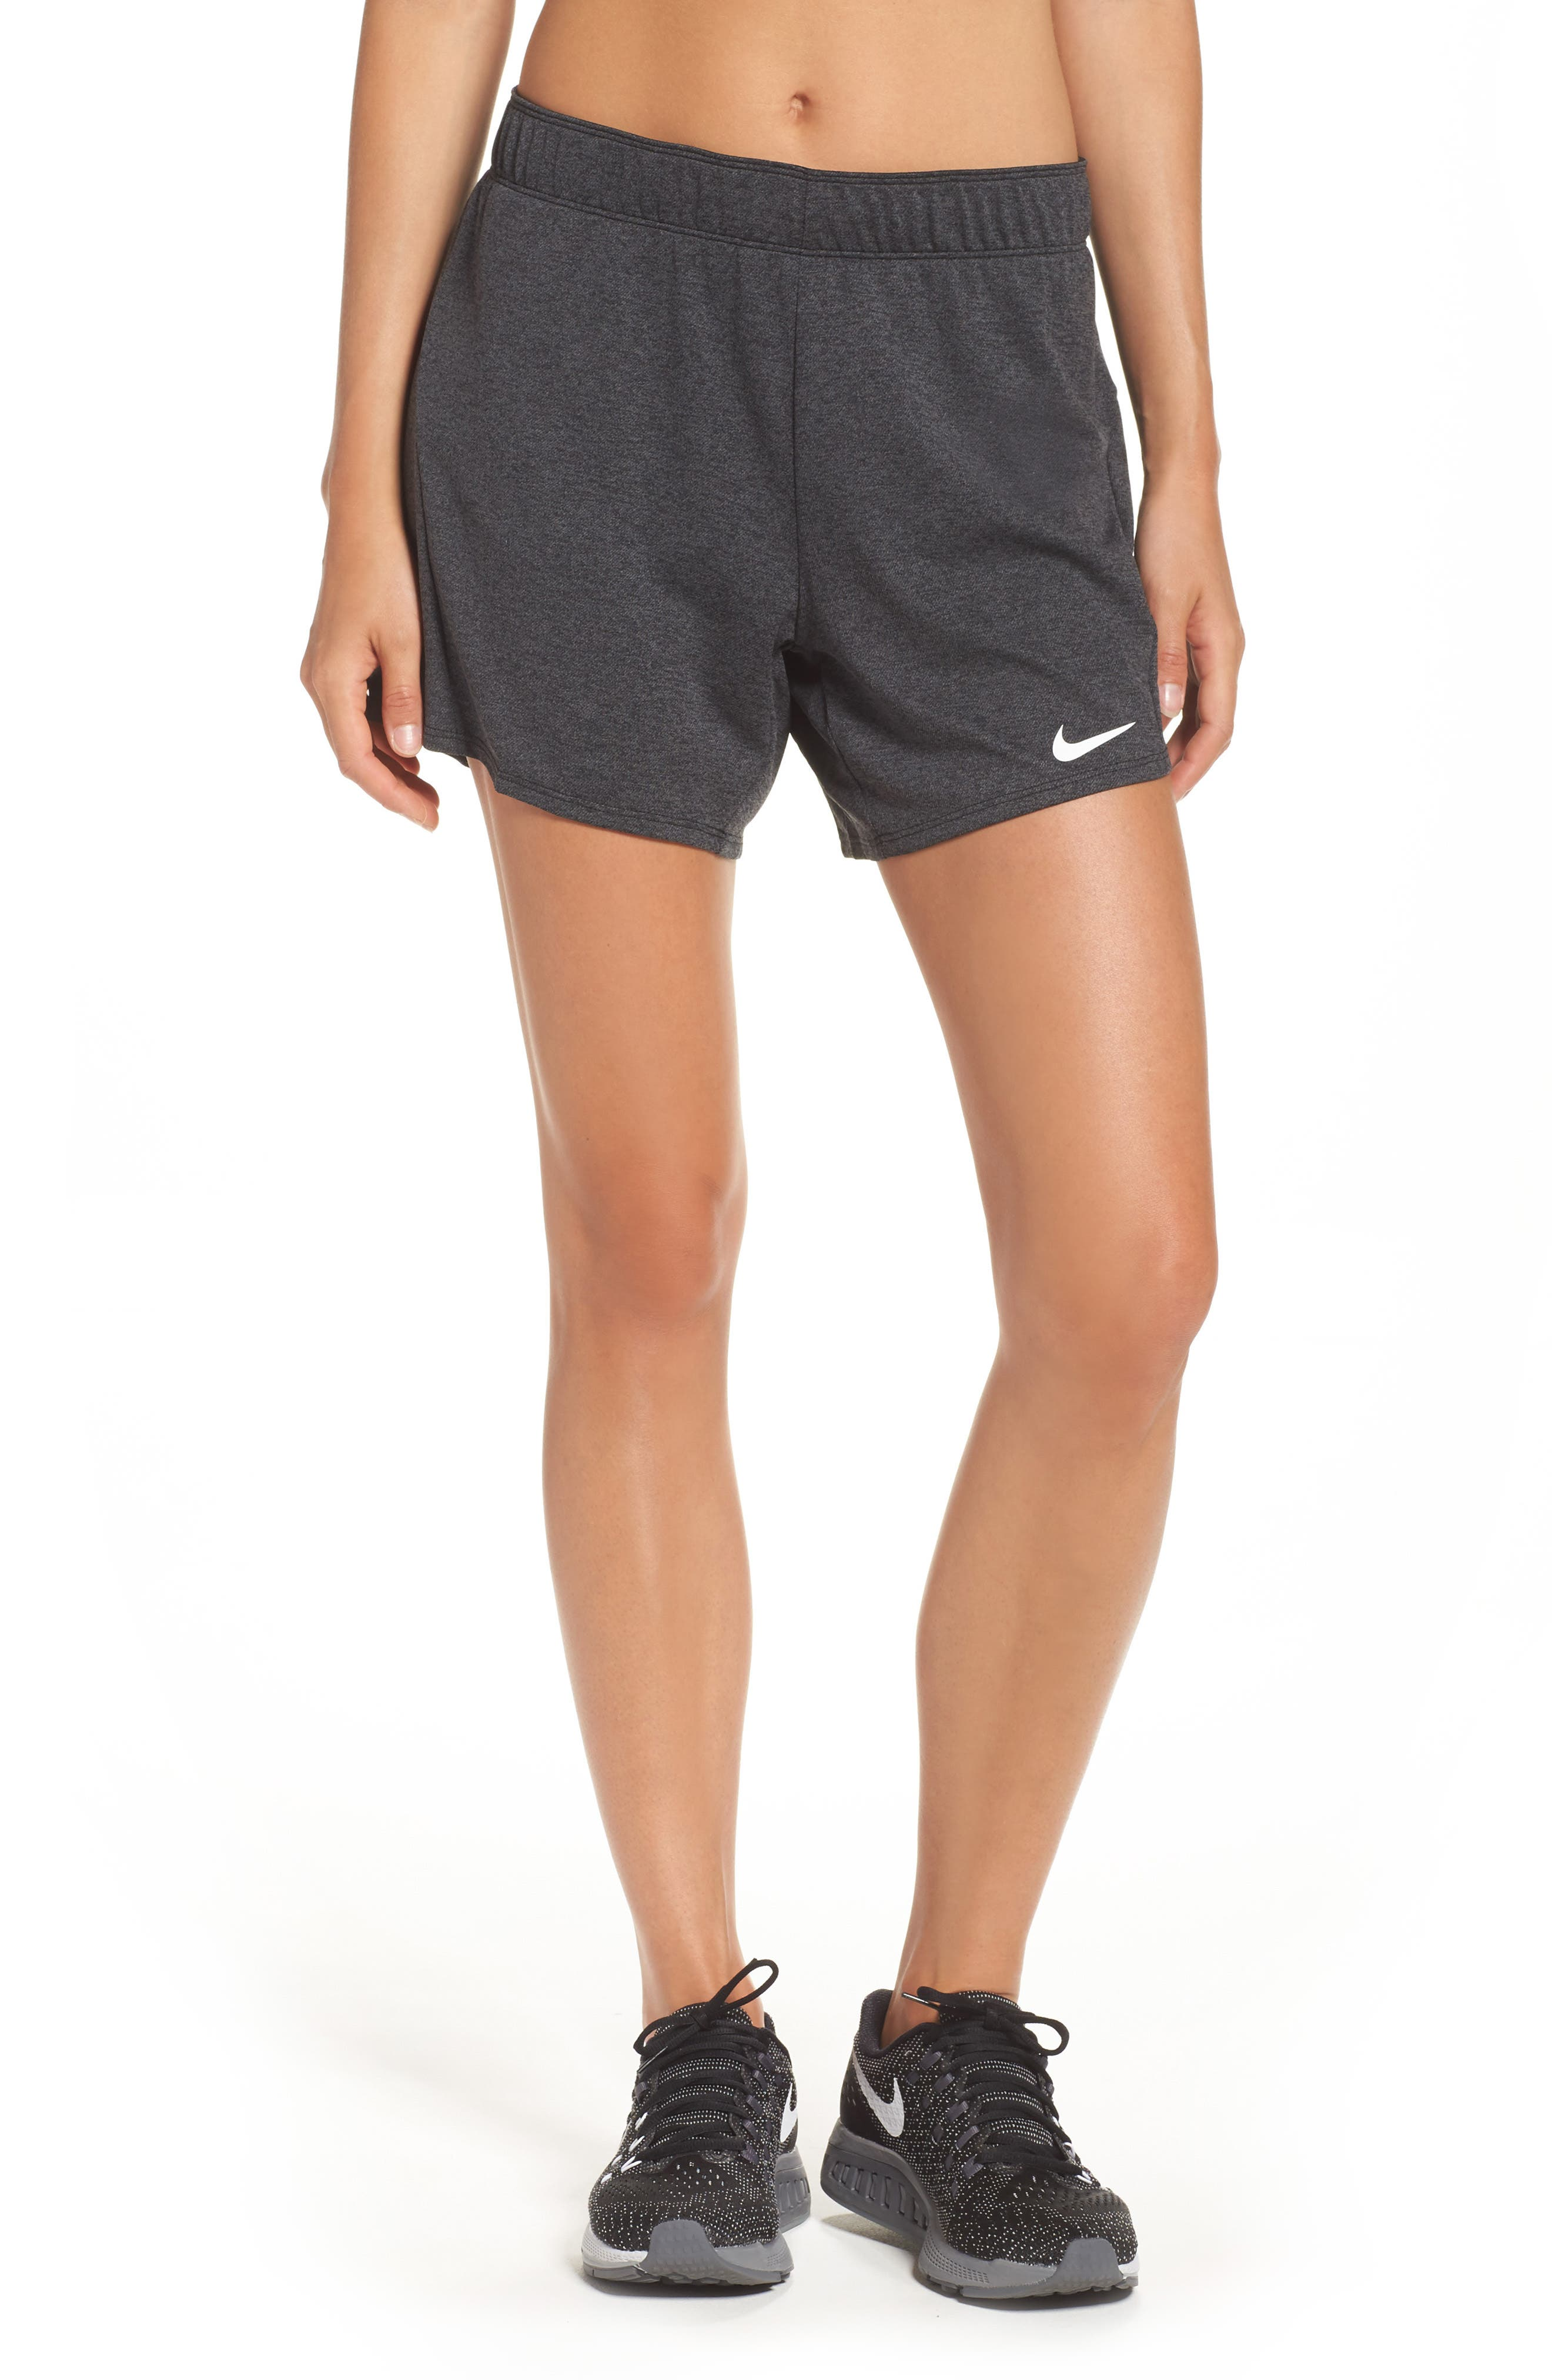 Nike Training Shorts